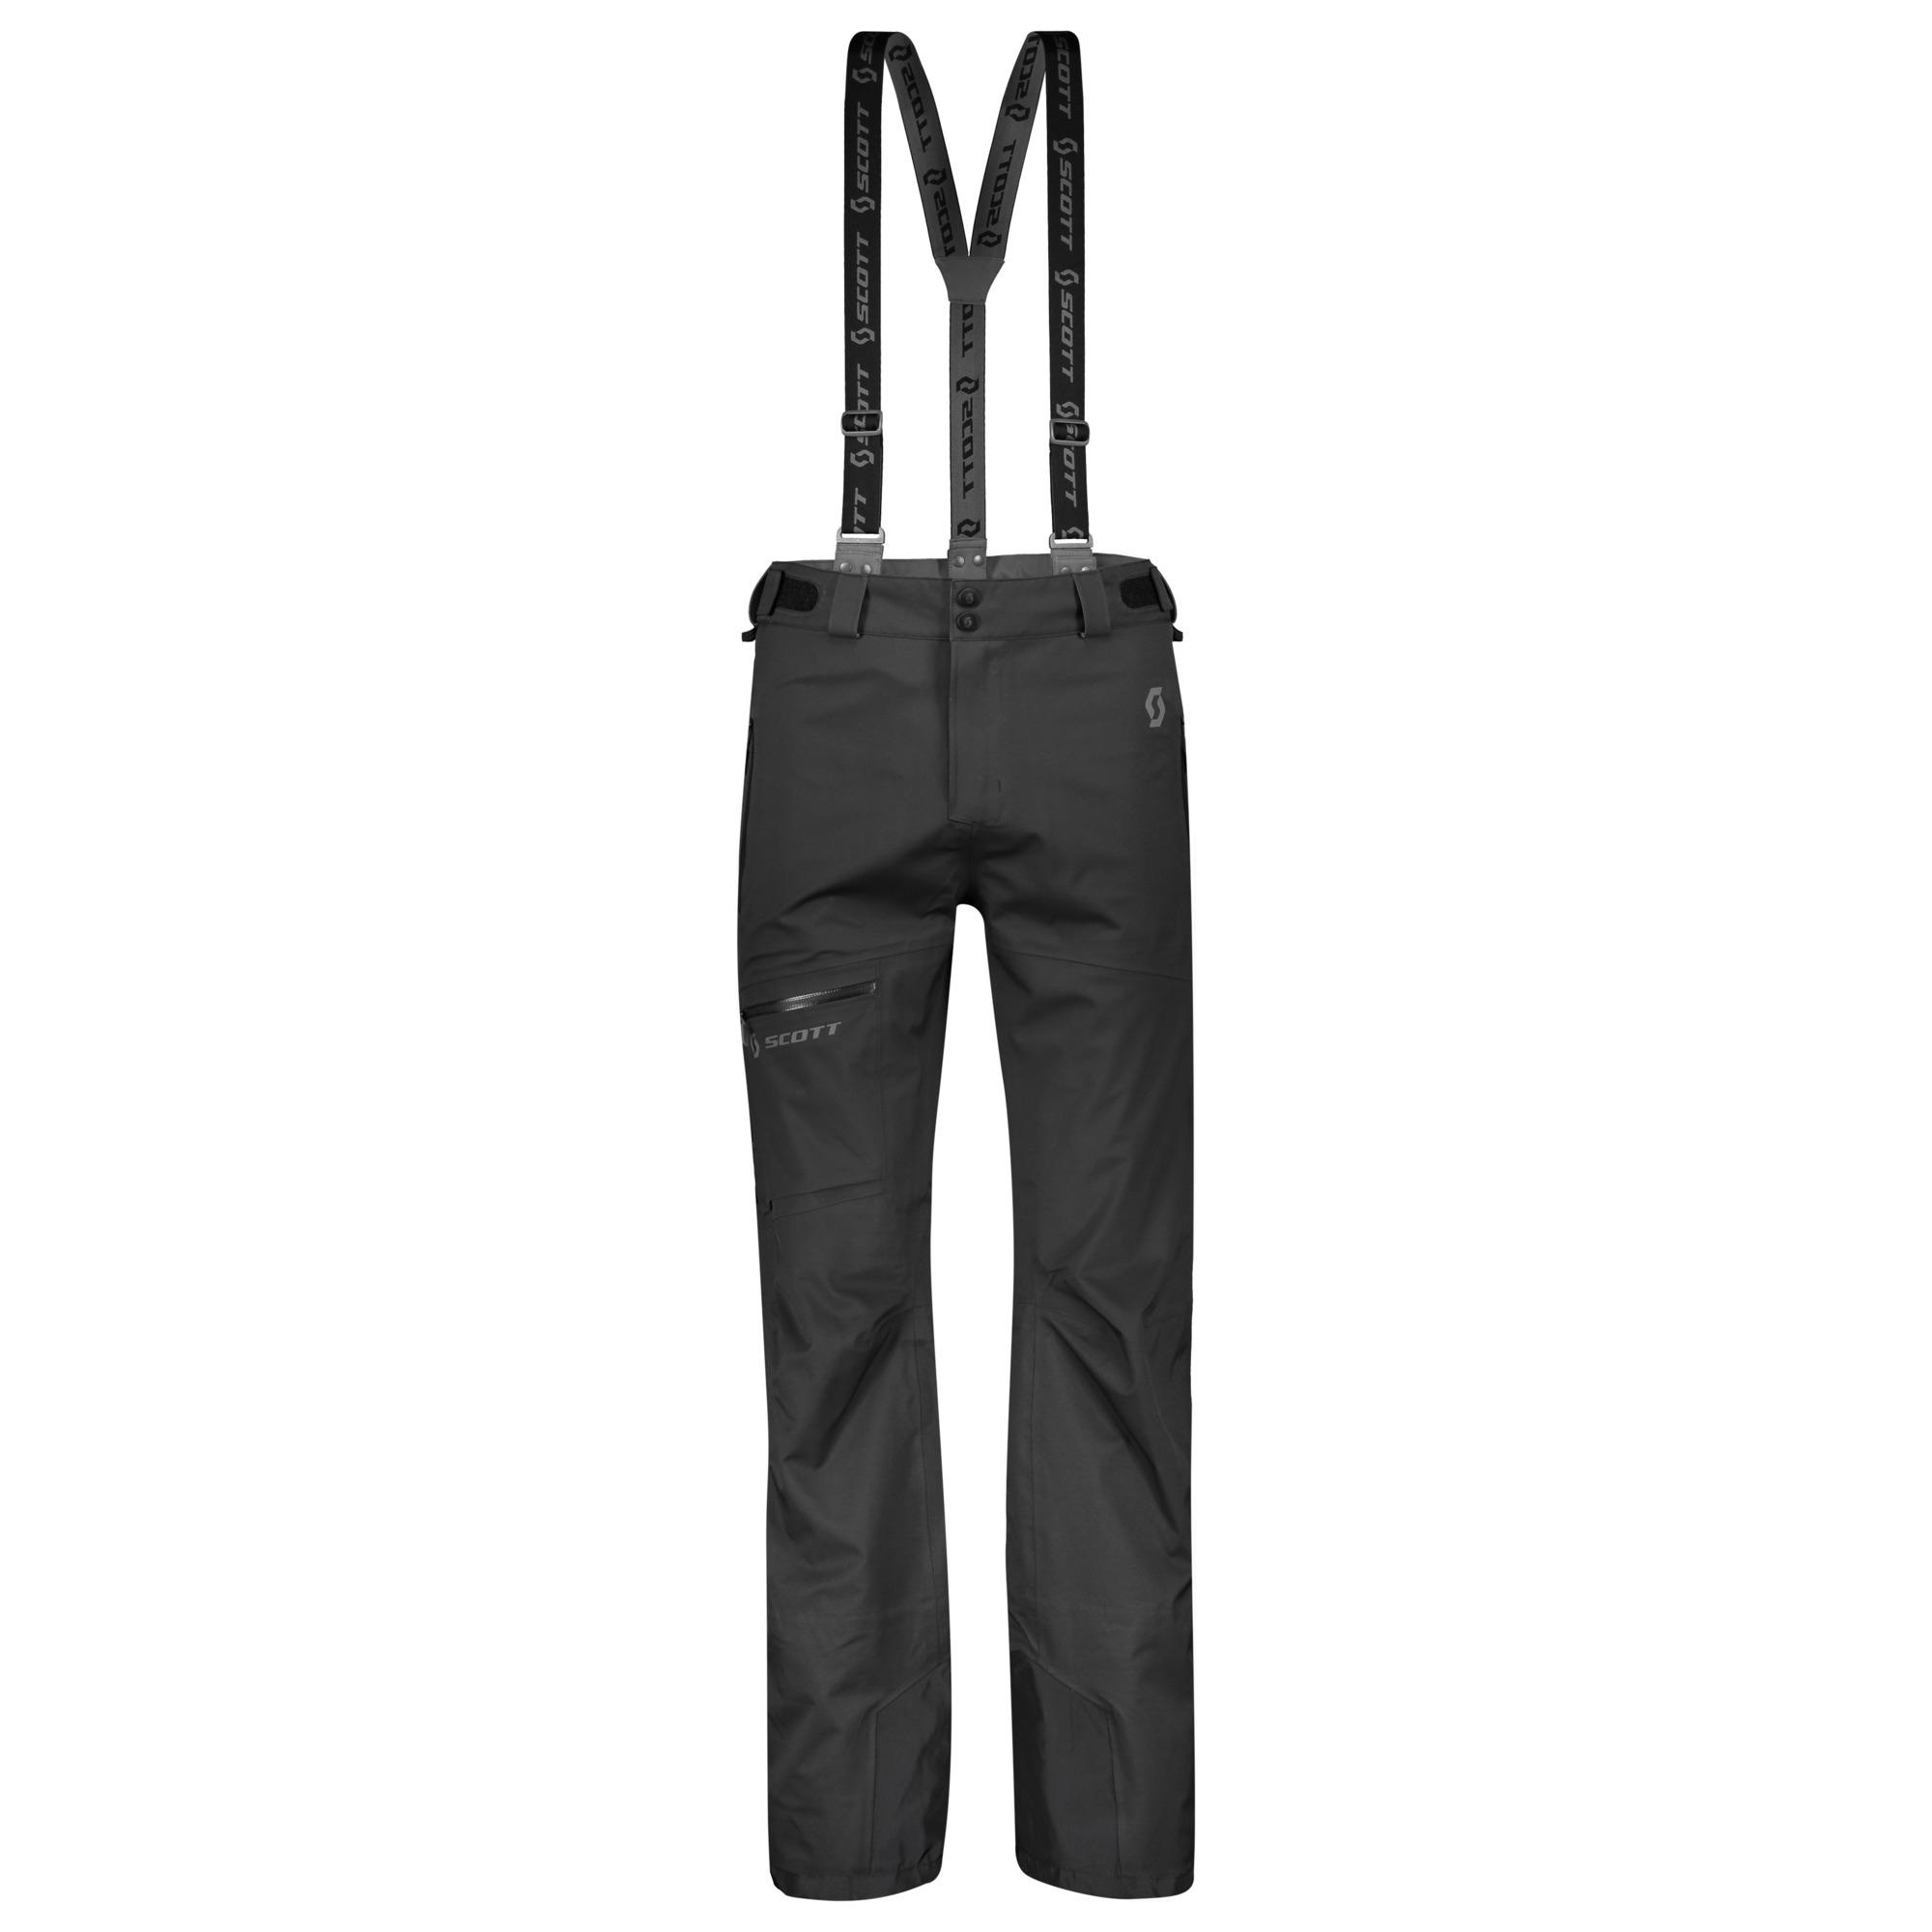 Scott Explorair 3L Men's Pants - Black - Front View